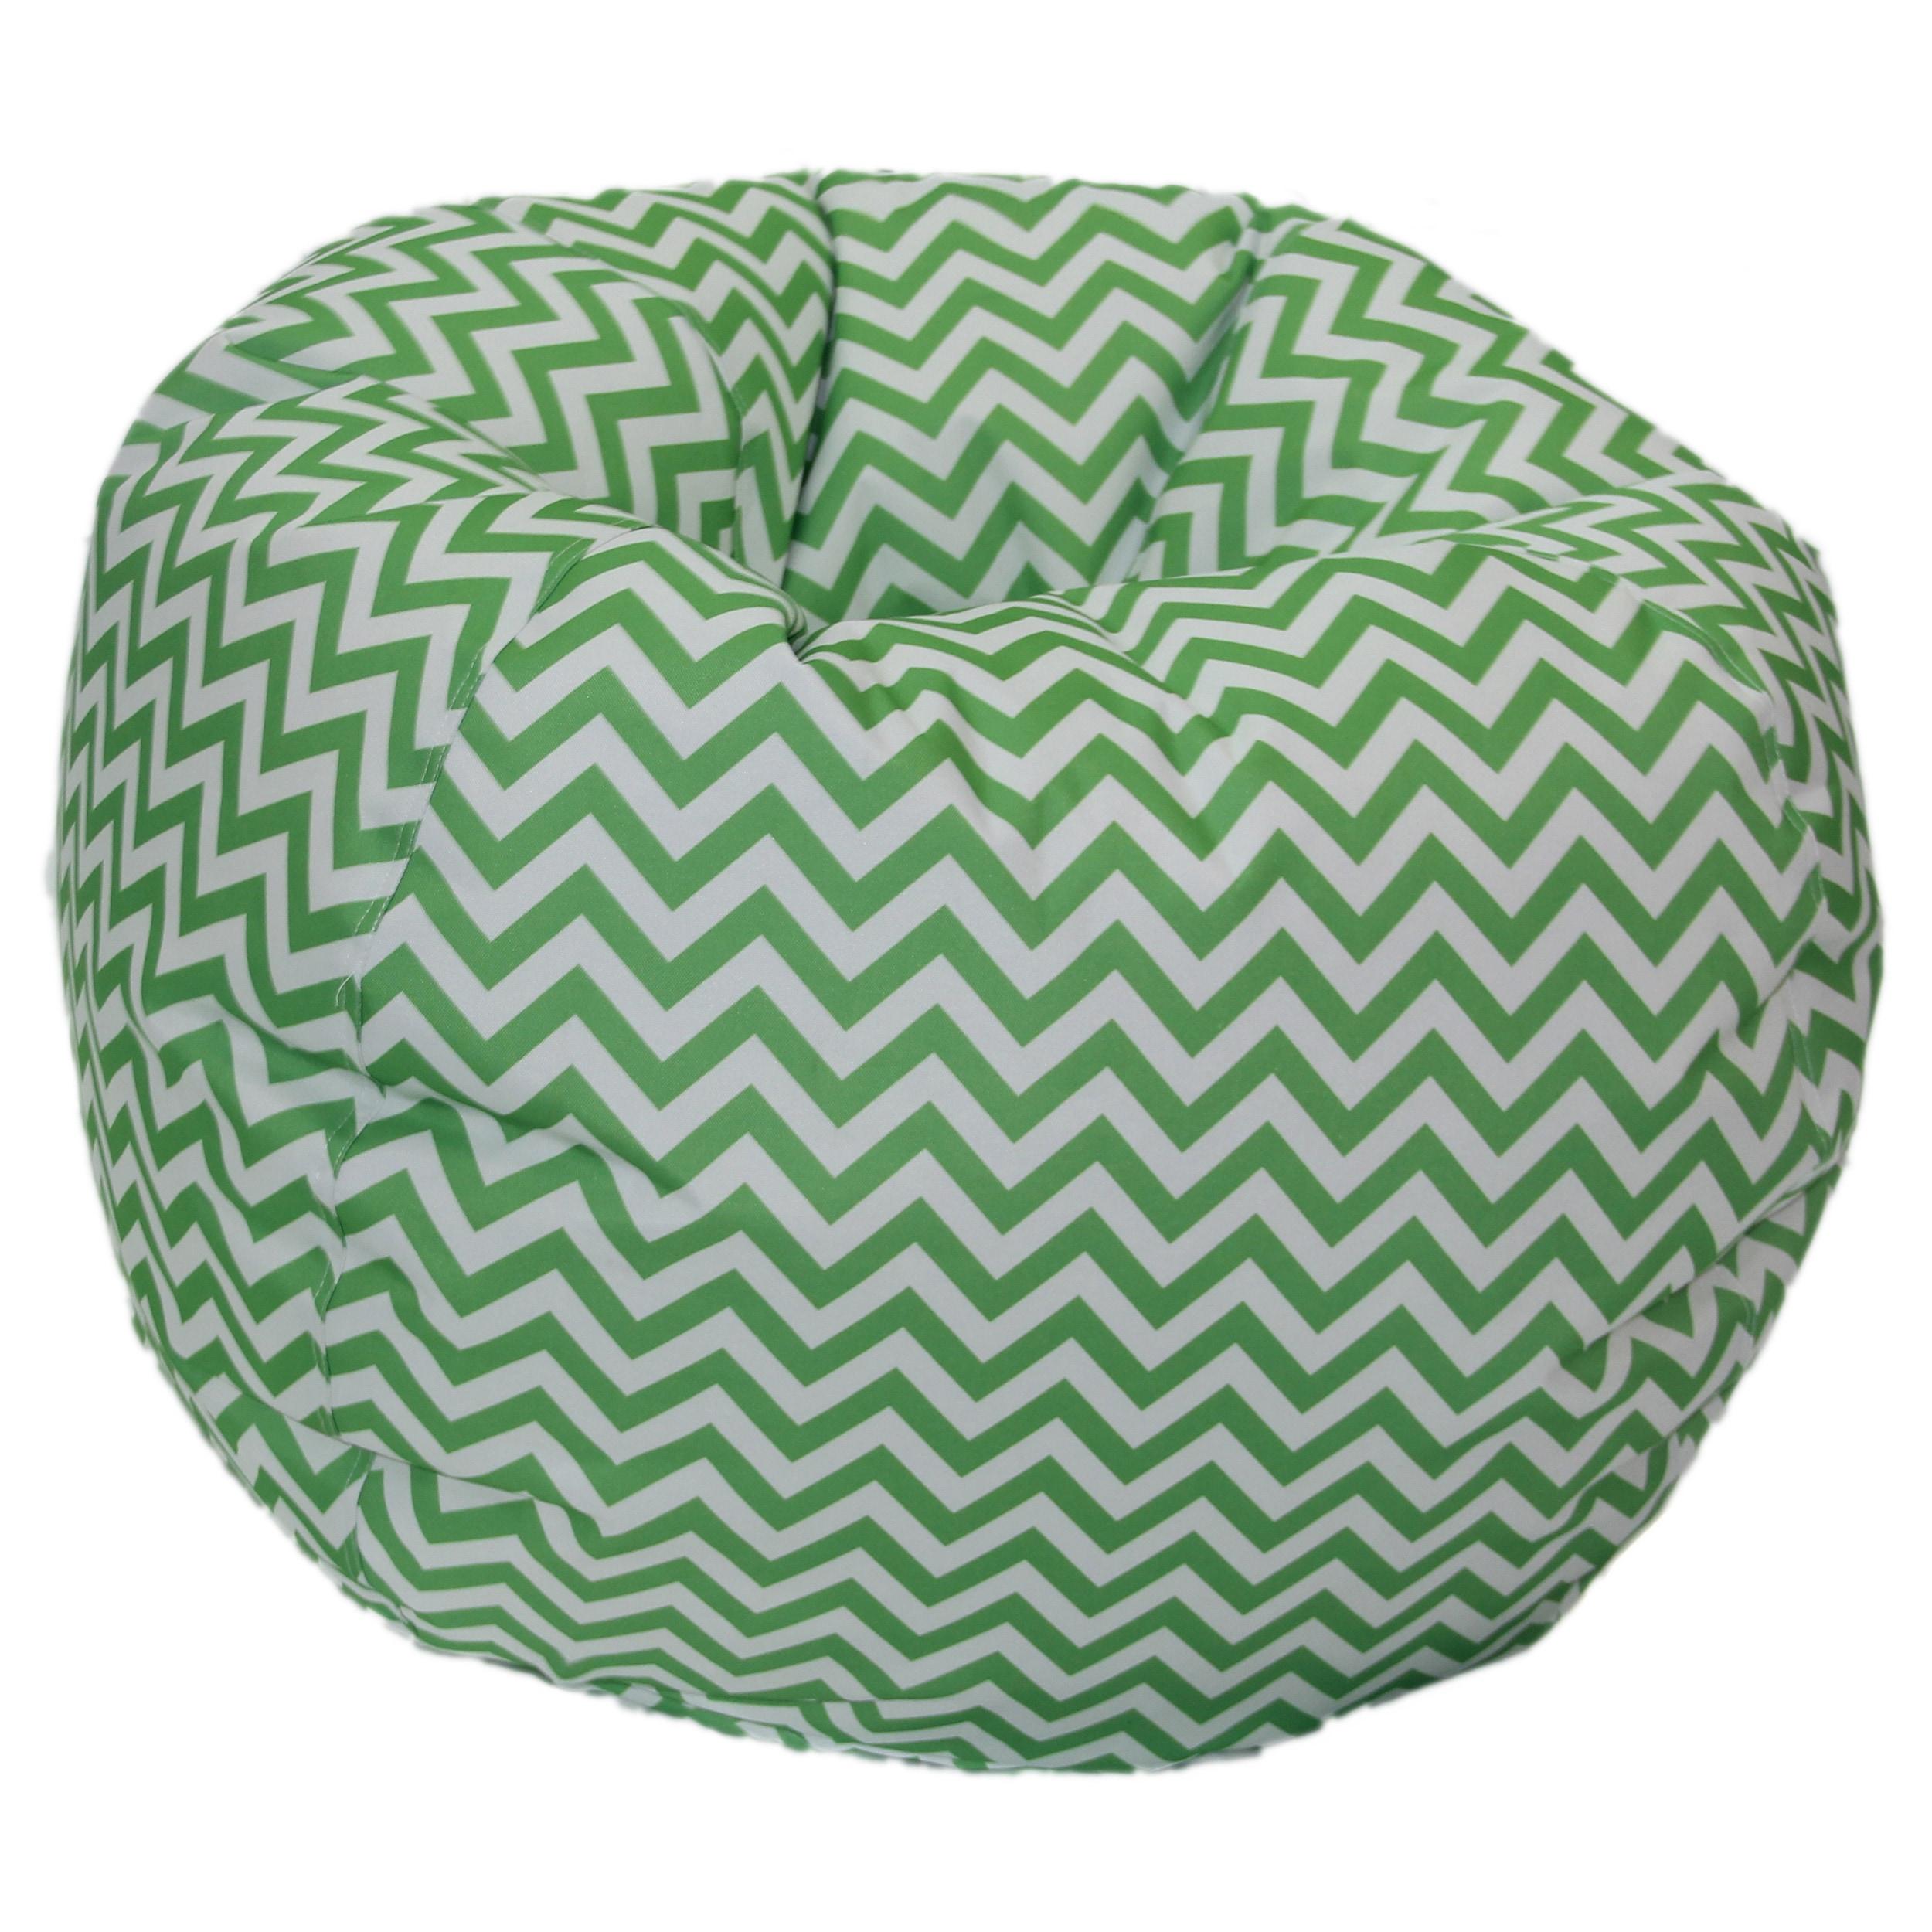 Shop Chevron Bean Bag Chair - Free Shipping Today - Overstock.com - 9536261  sc 1 st  Overstock.com & Shop Chevron Bean Bag Chair - Free Shipping Today - Overstock.com ...